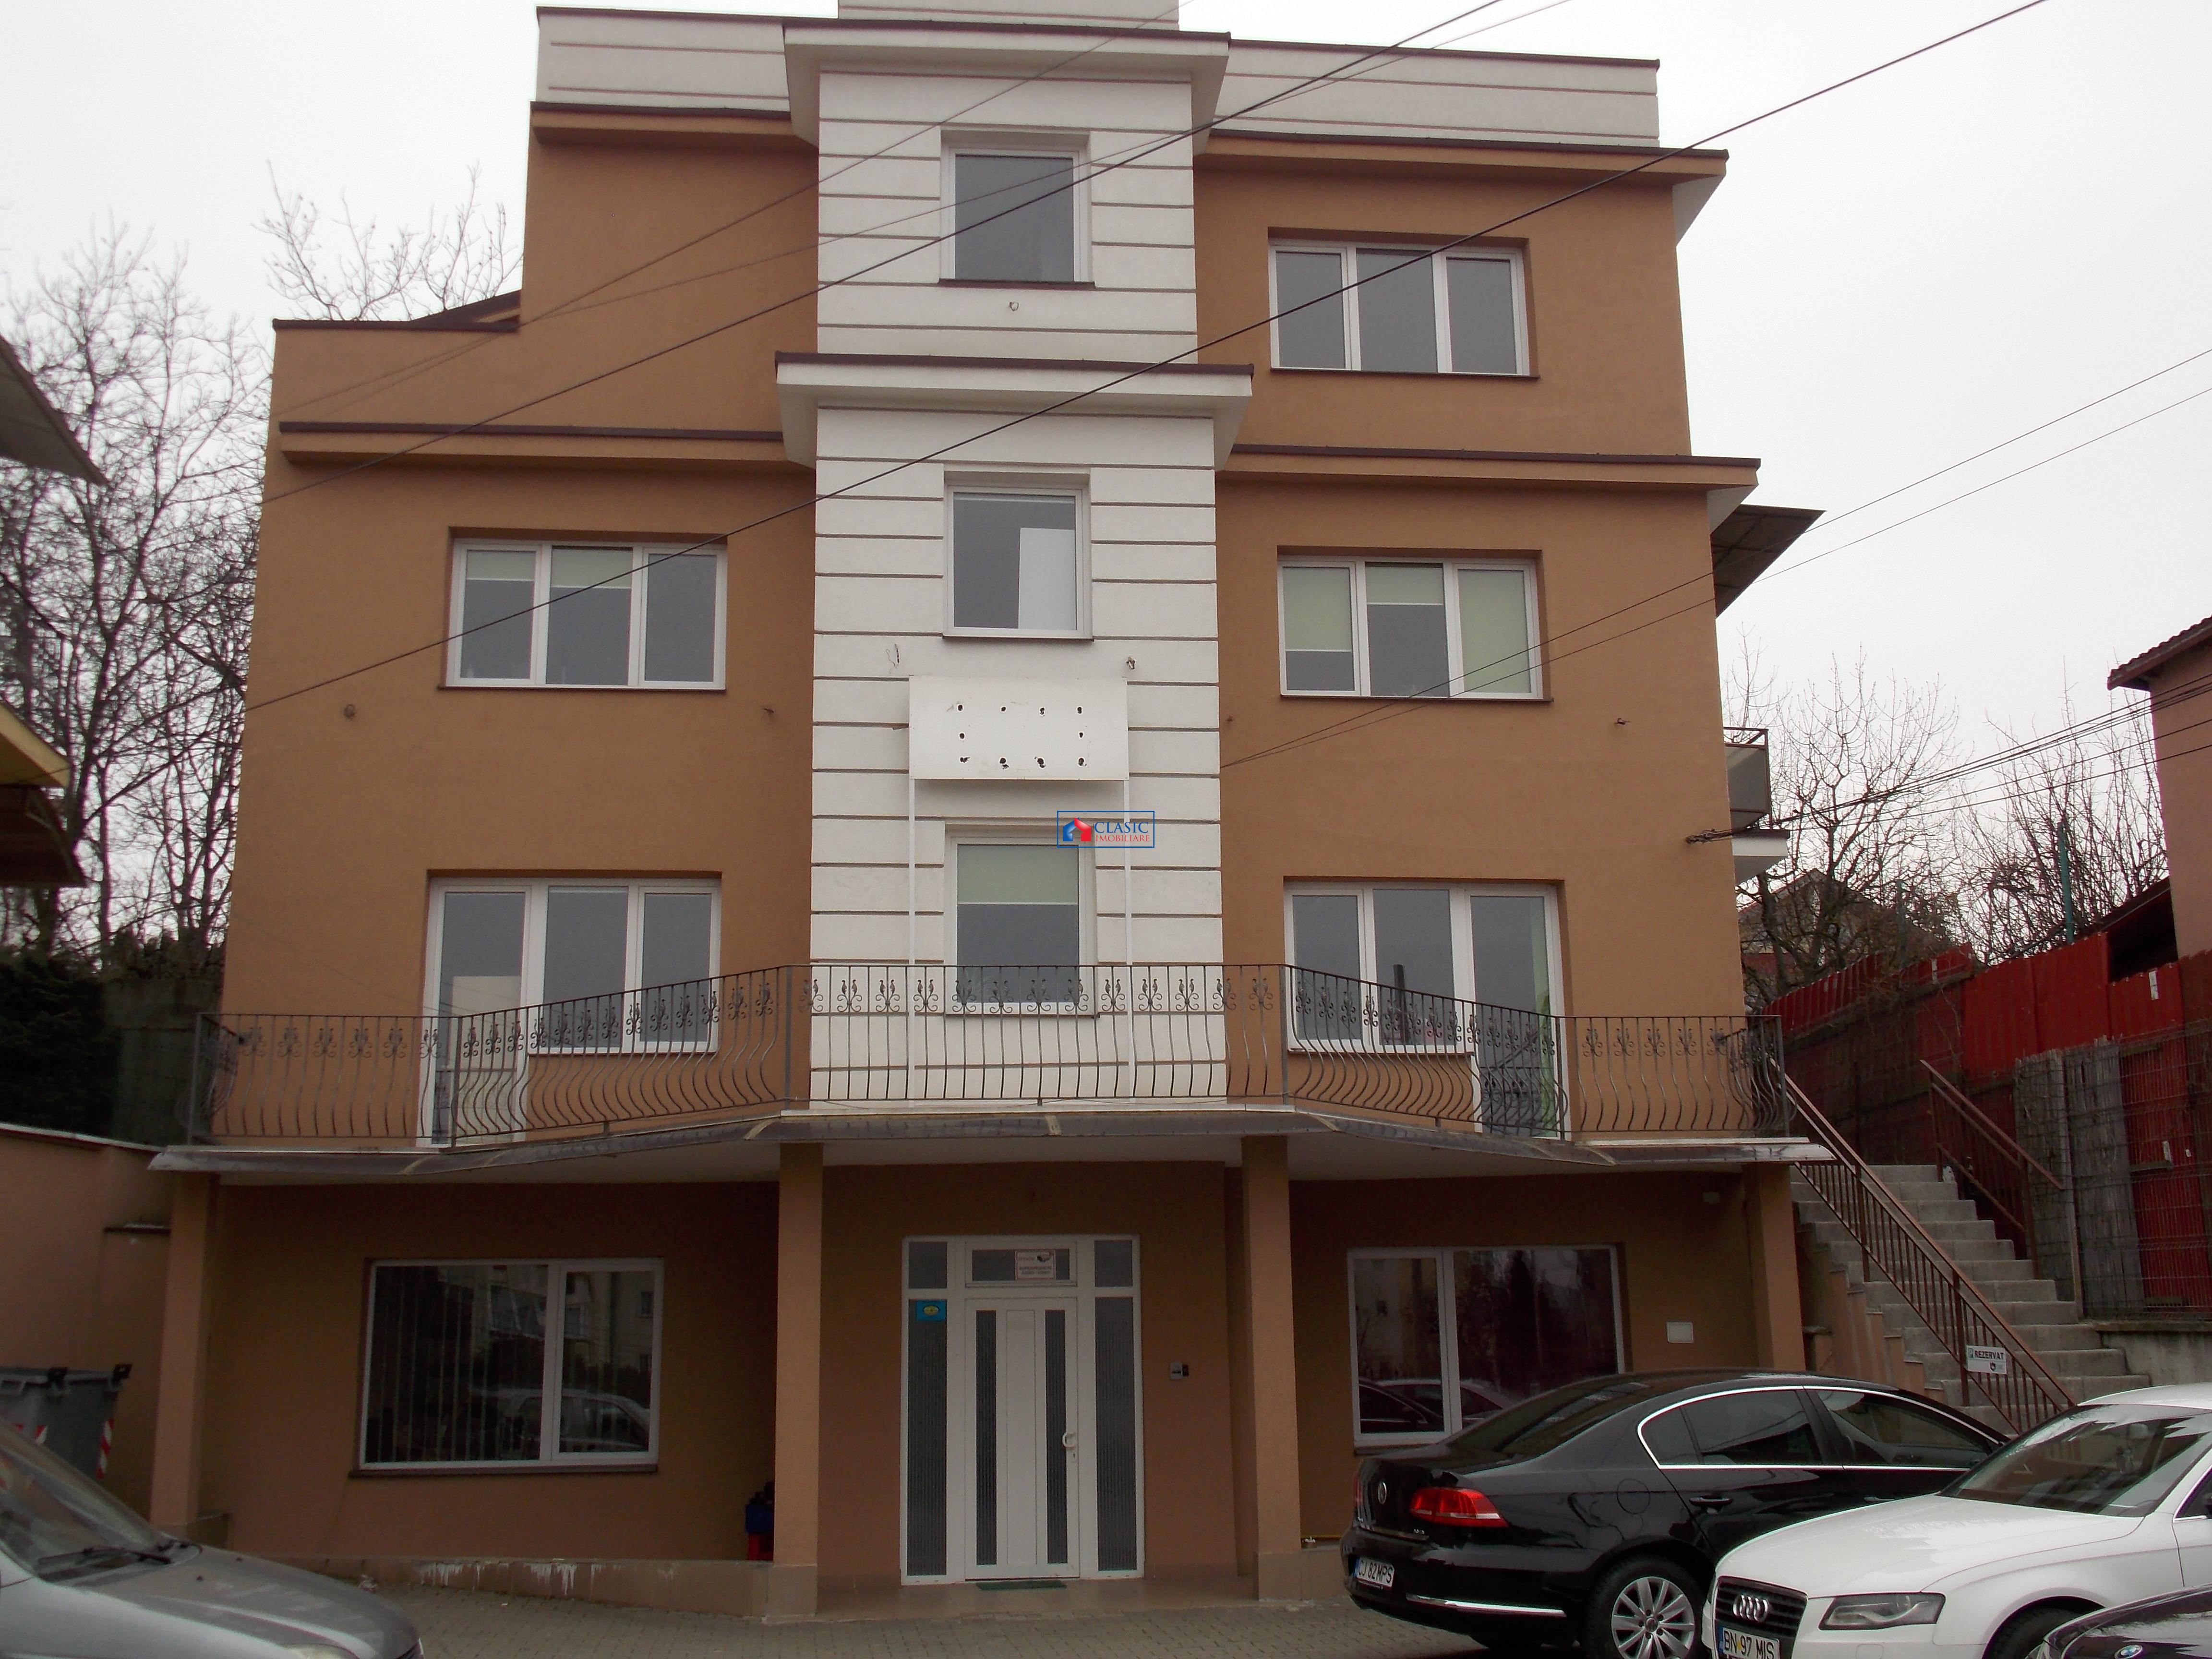 Vanzare locuinta sau sediu firma, zona Zorilor, Cluj-Napoca